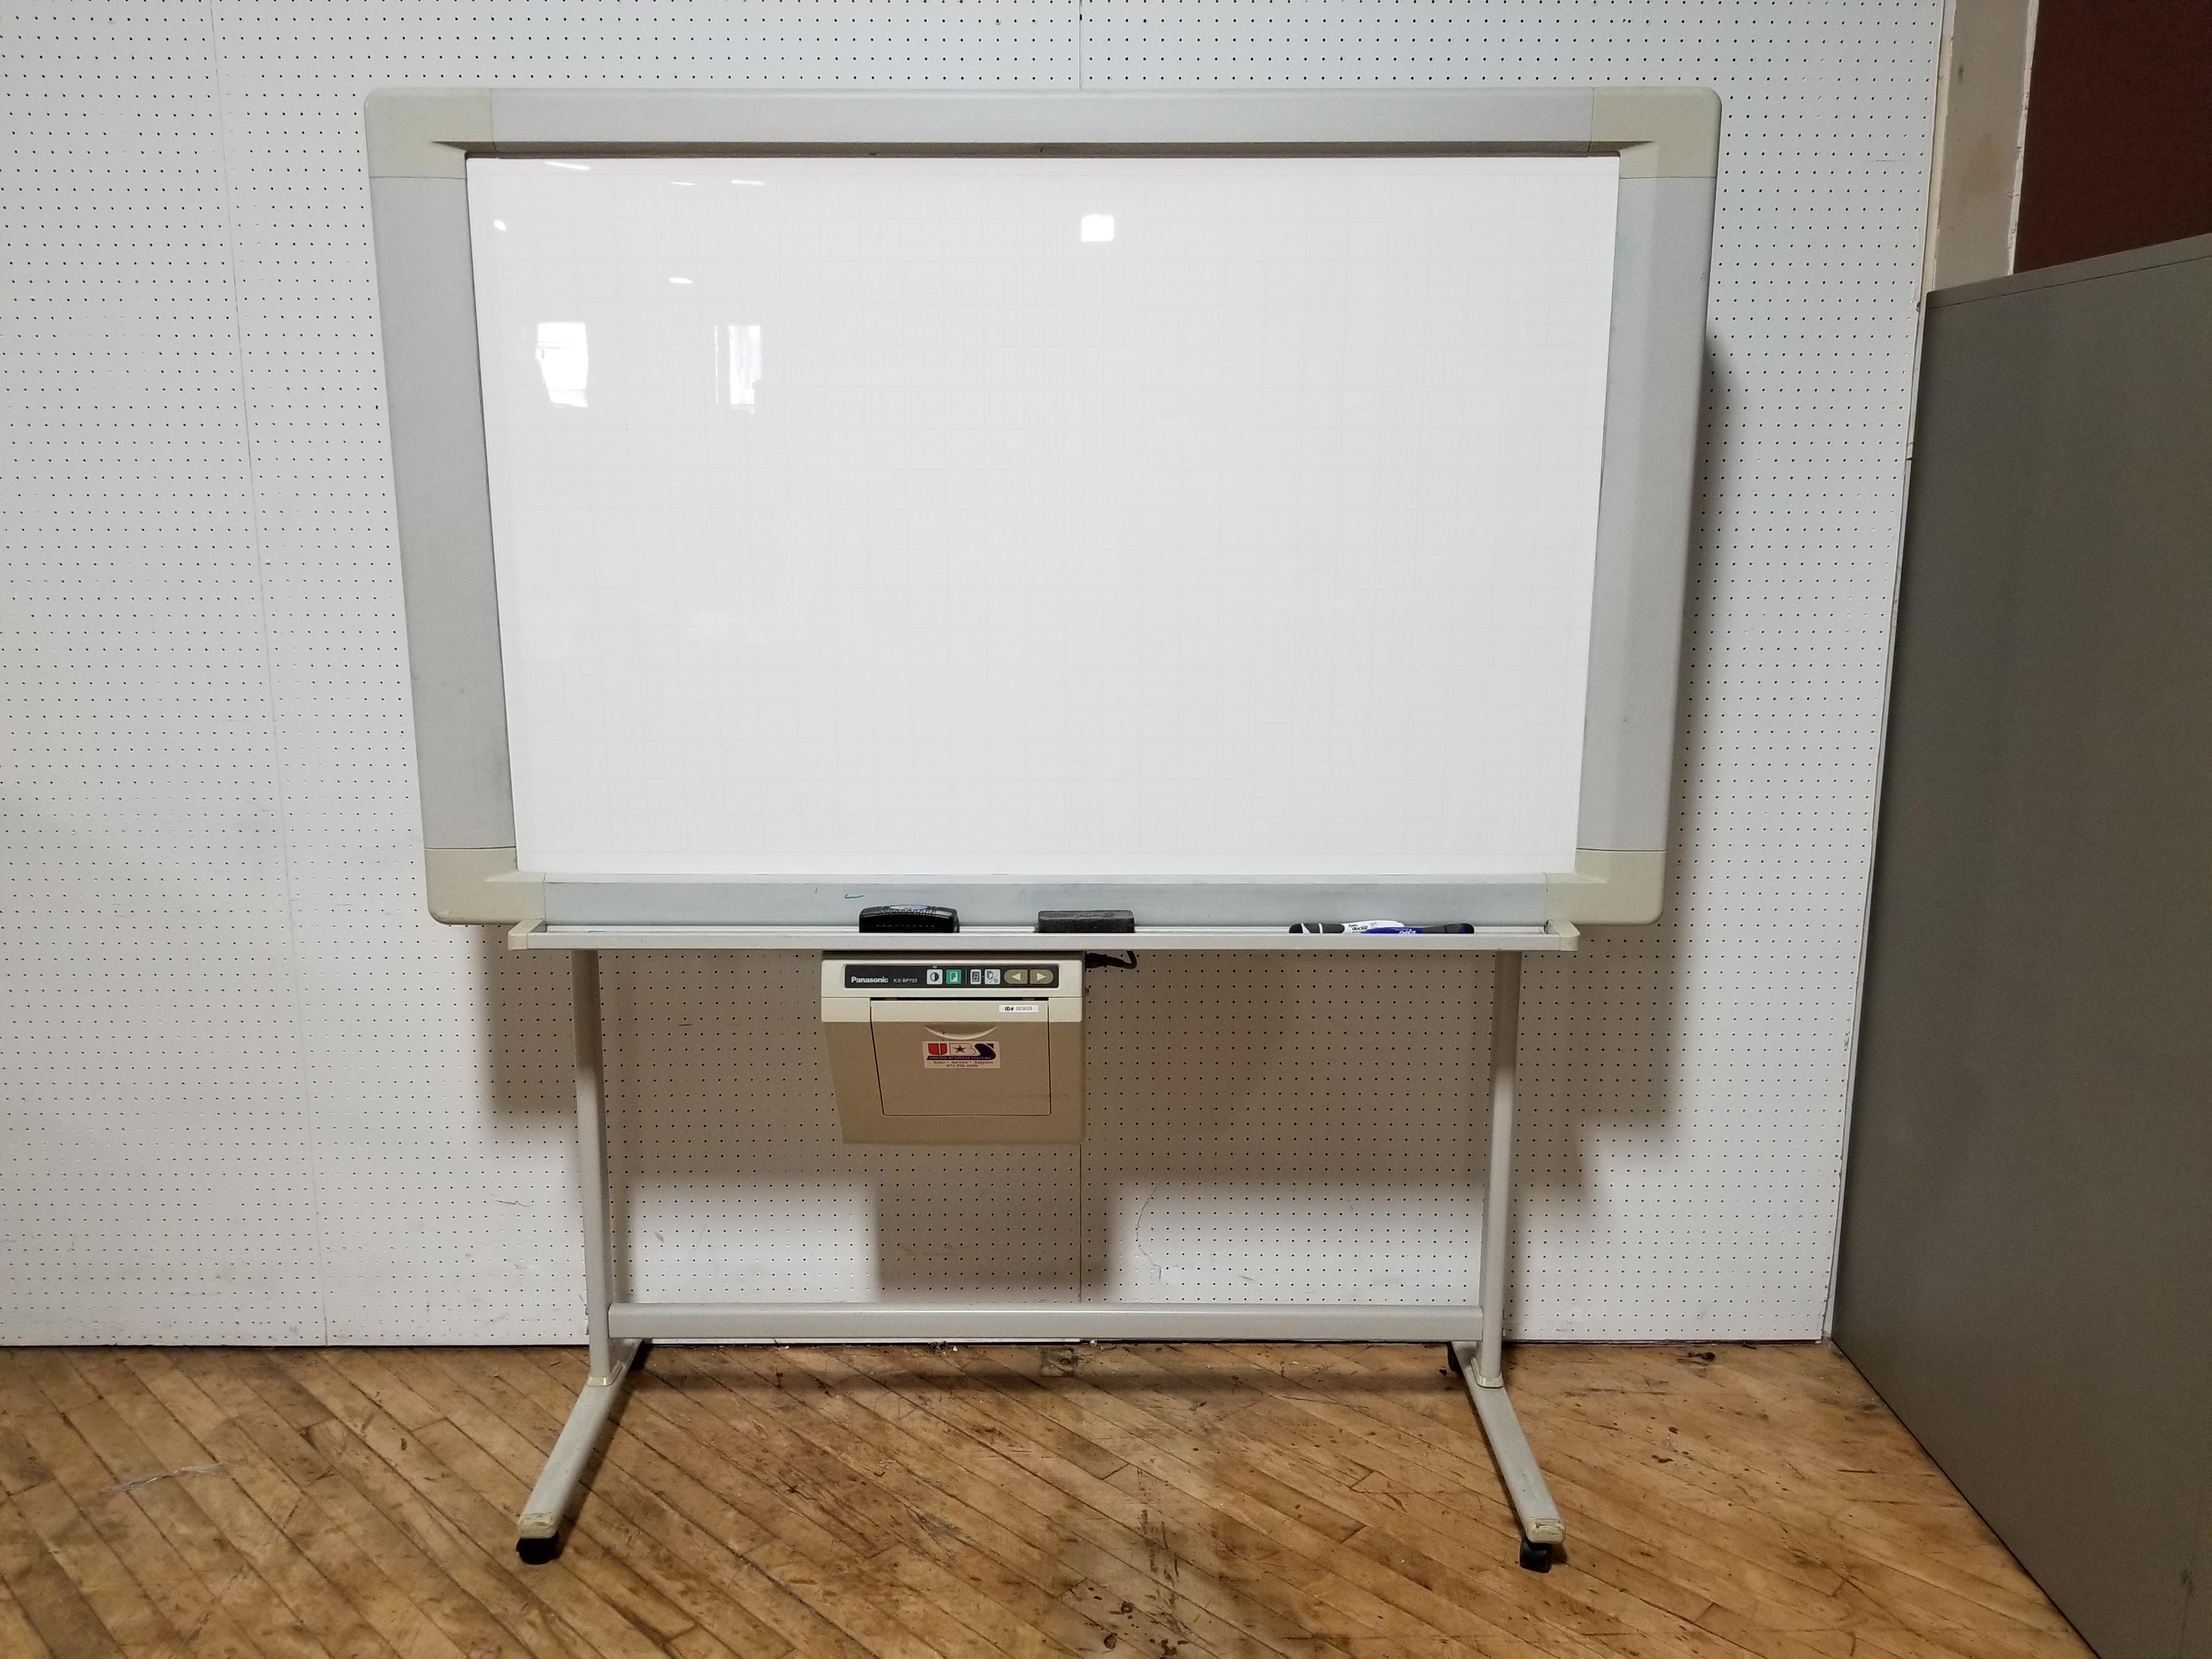 #106. White Board